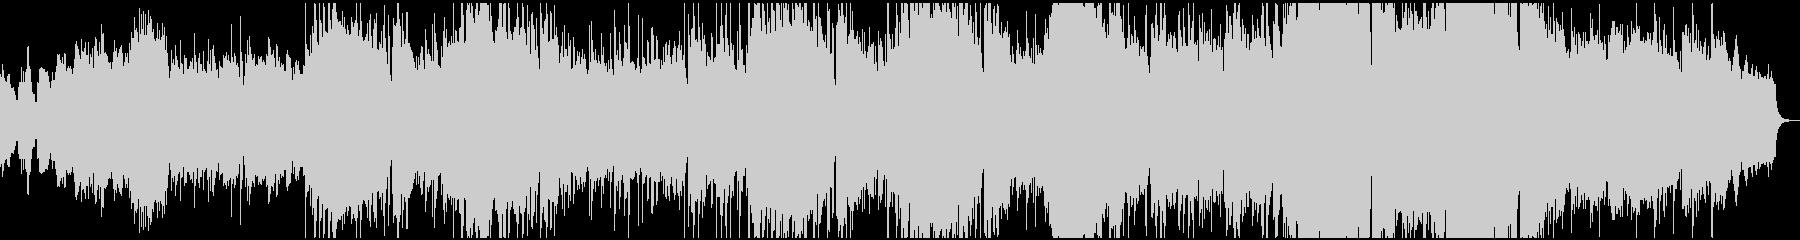 シベリウスのフィンランディアから平和の歌の未再生の波形